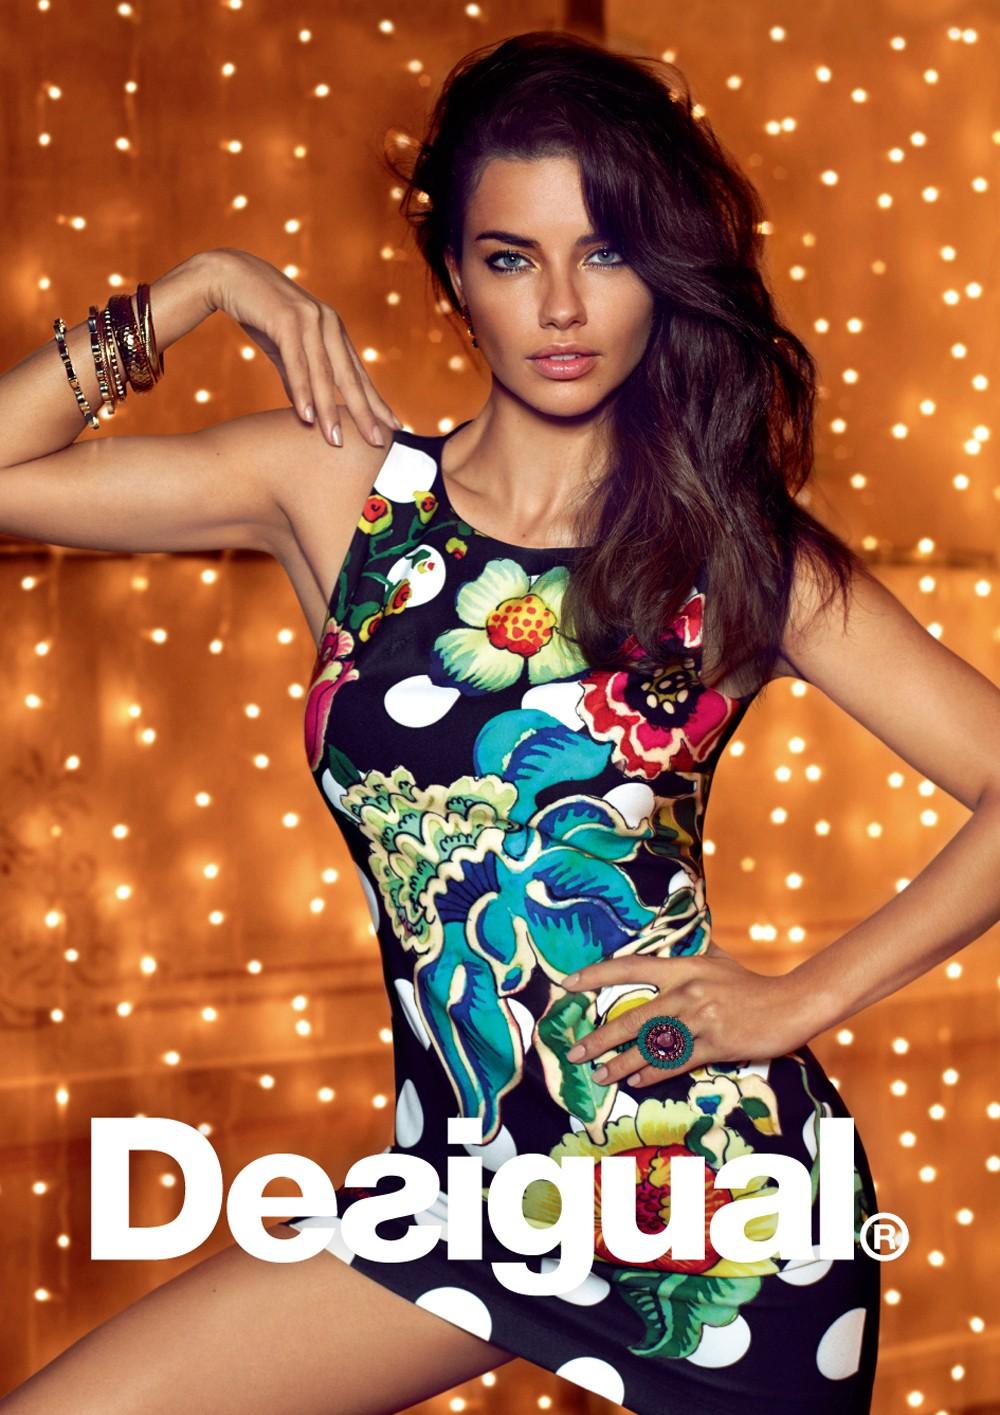 巴西超模Adriana Lima擔任Desigual首位形象大使 性感演繹秋冬系列1